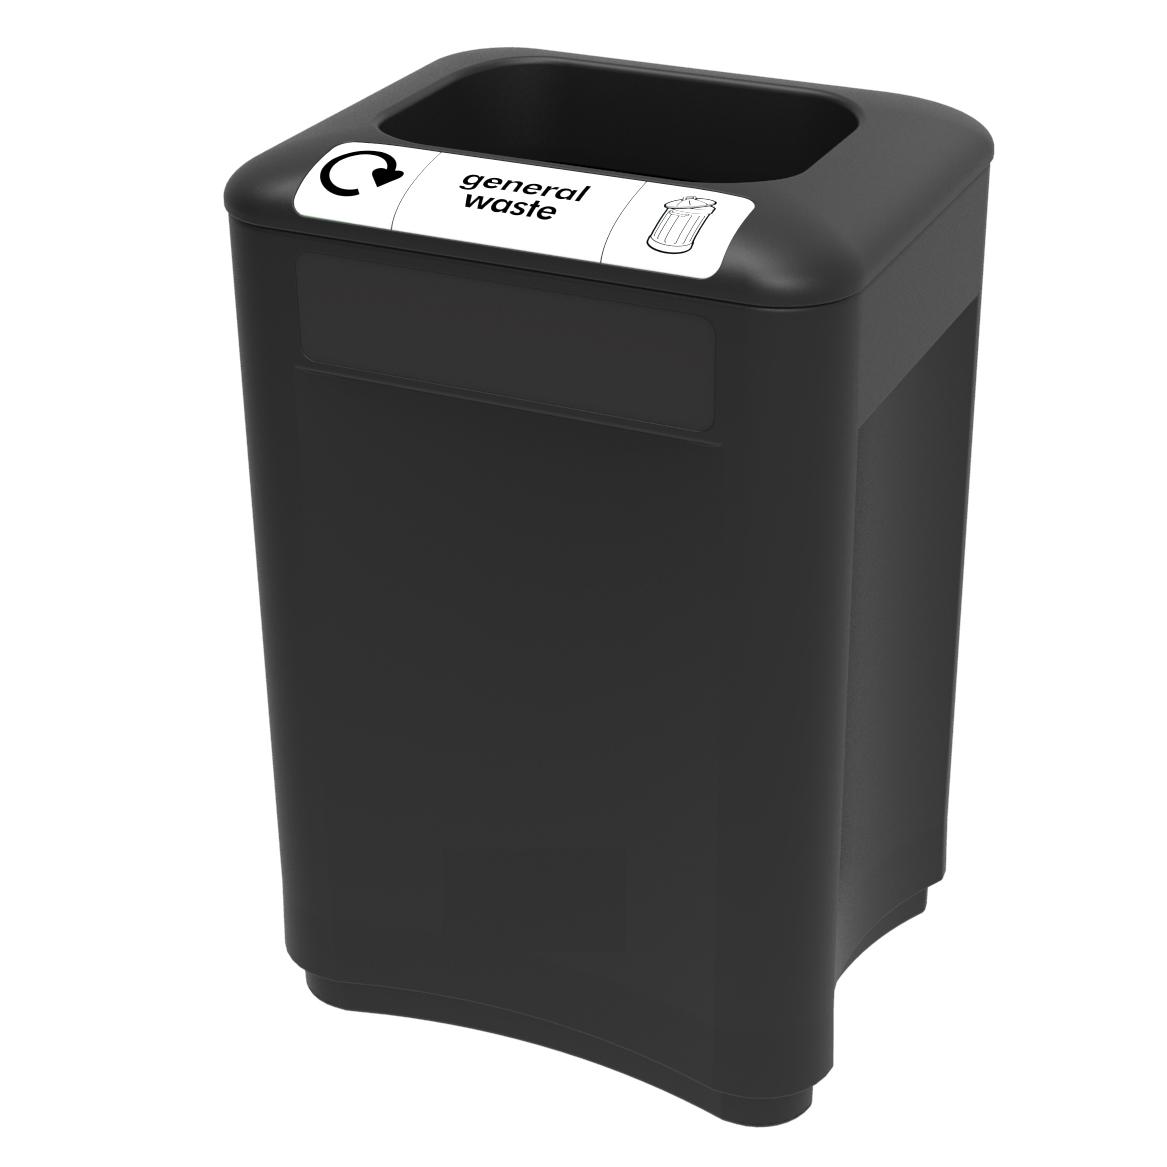 Envirostack-General-Waste